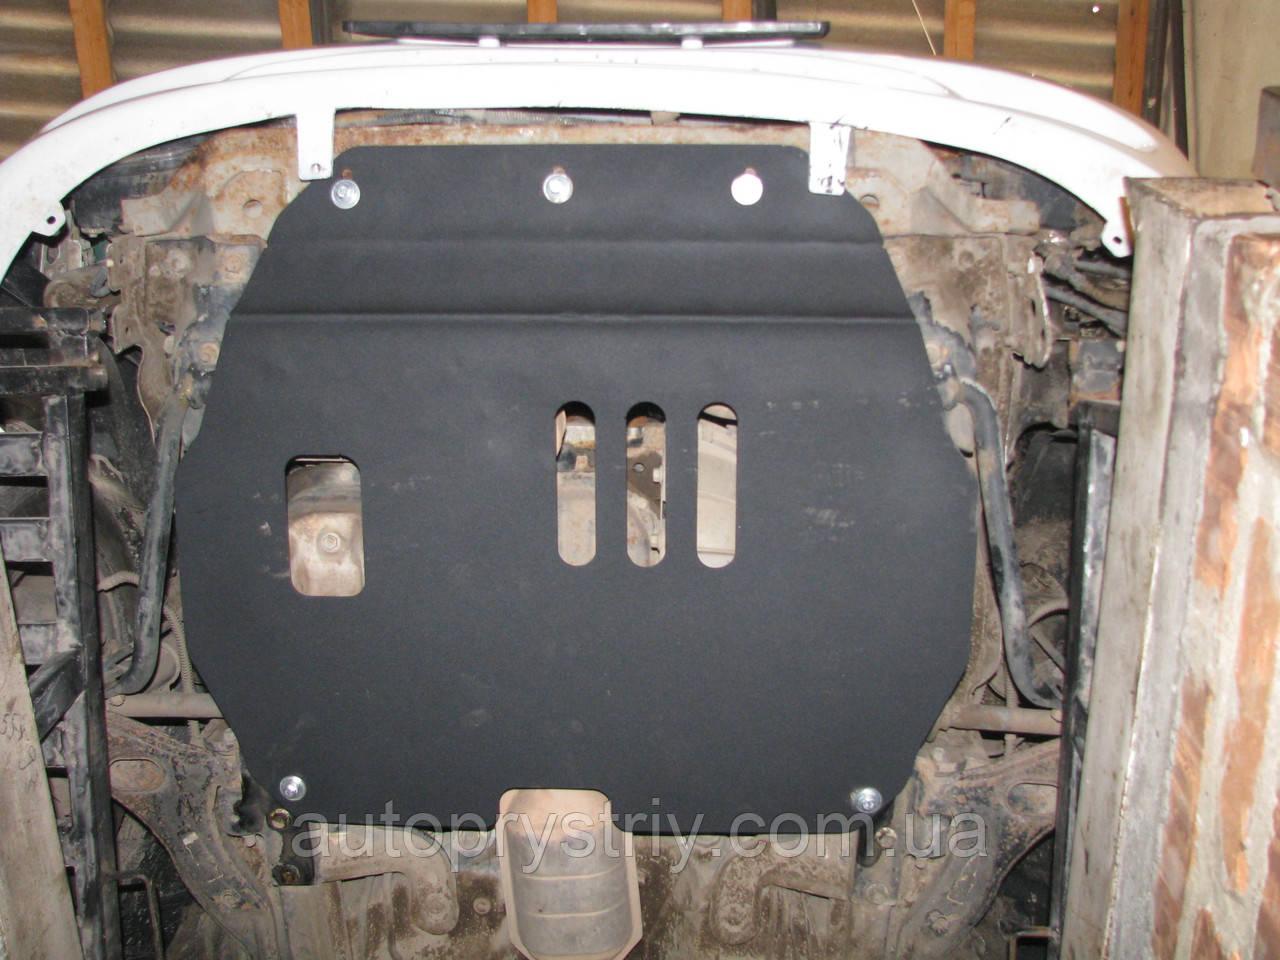 Защита двигателя и КПП Geely CK-1, китайская сборка (2005-2016) механика 1.5